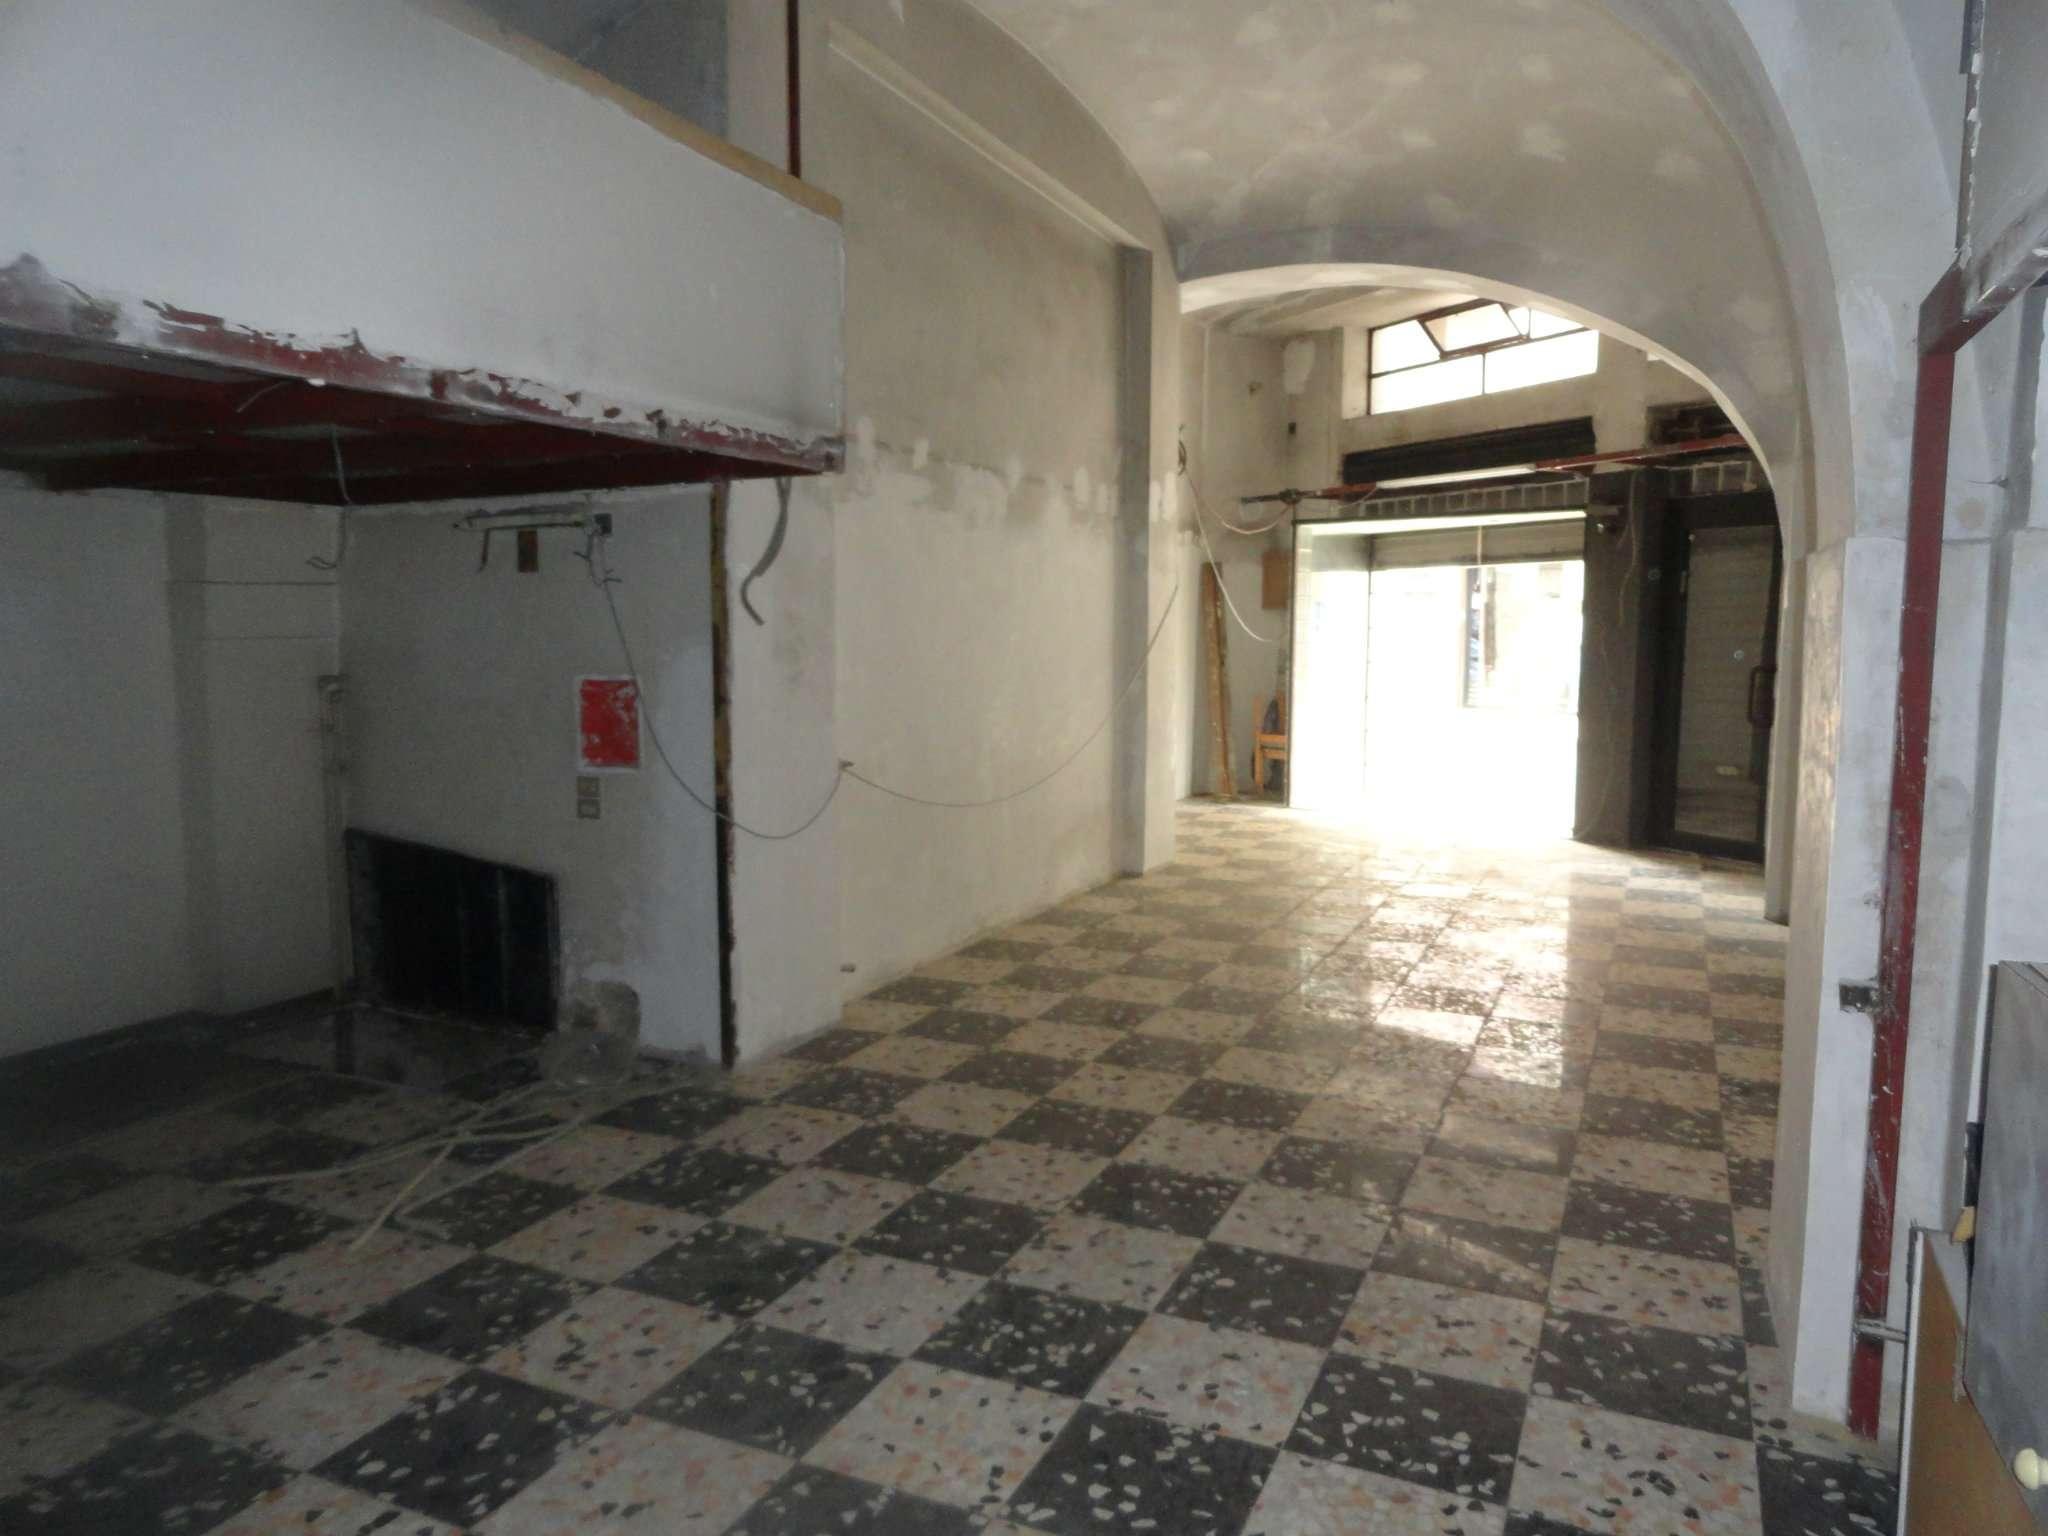 Negozio / Locale in affitto a Andria, 1 locali, prezzo € 450 | CambioCasa.it